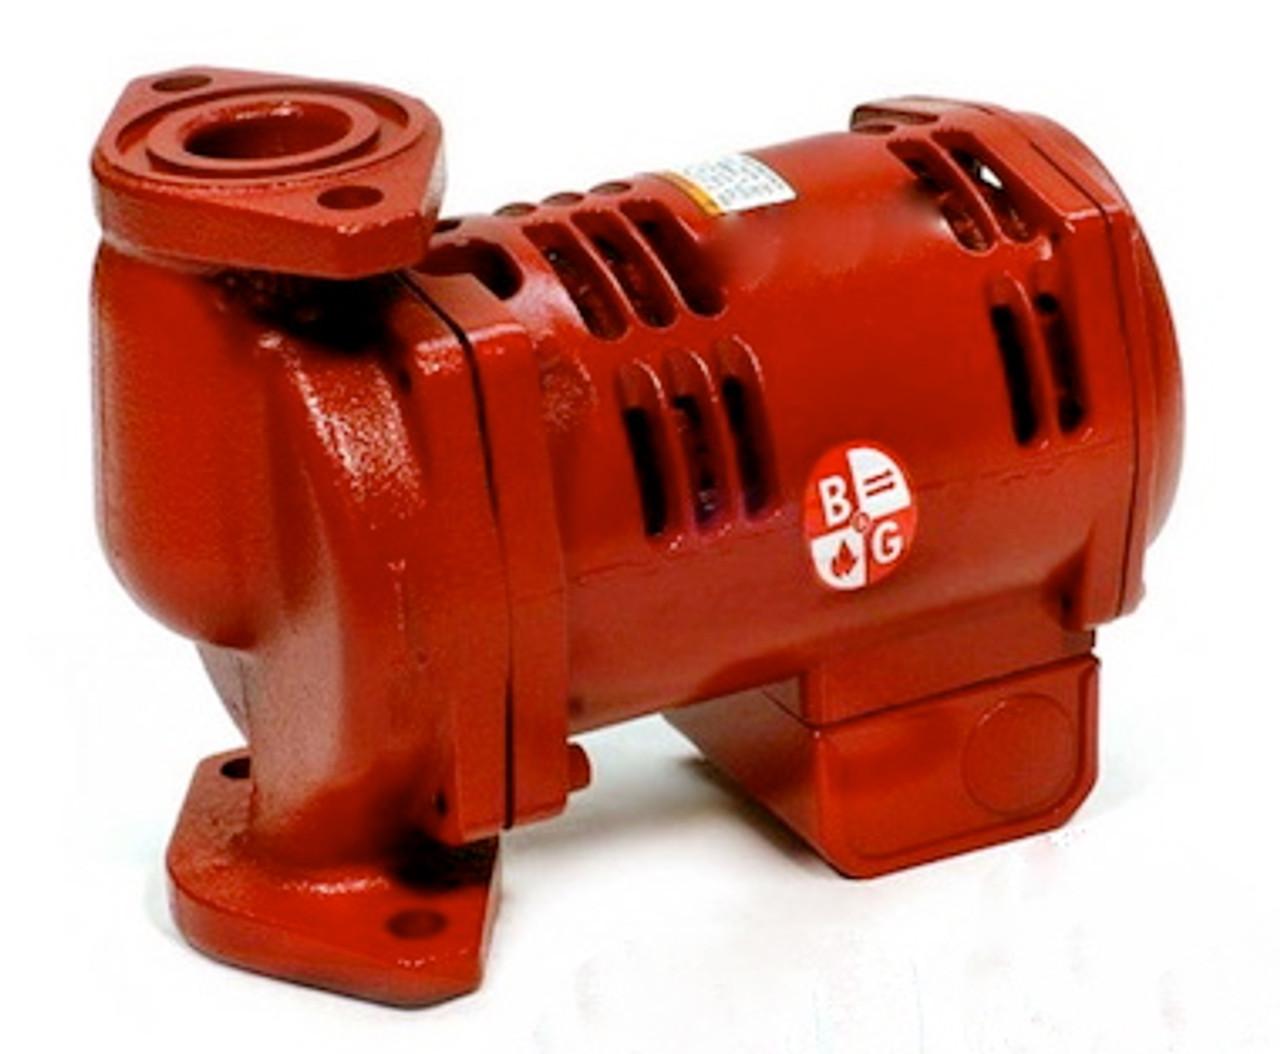 1bl002 bell gossett pl 45 pump national pump supply bell gossett wiring diagram [ 1280 x 1054 Pixel ]